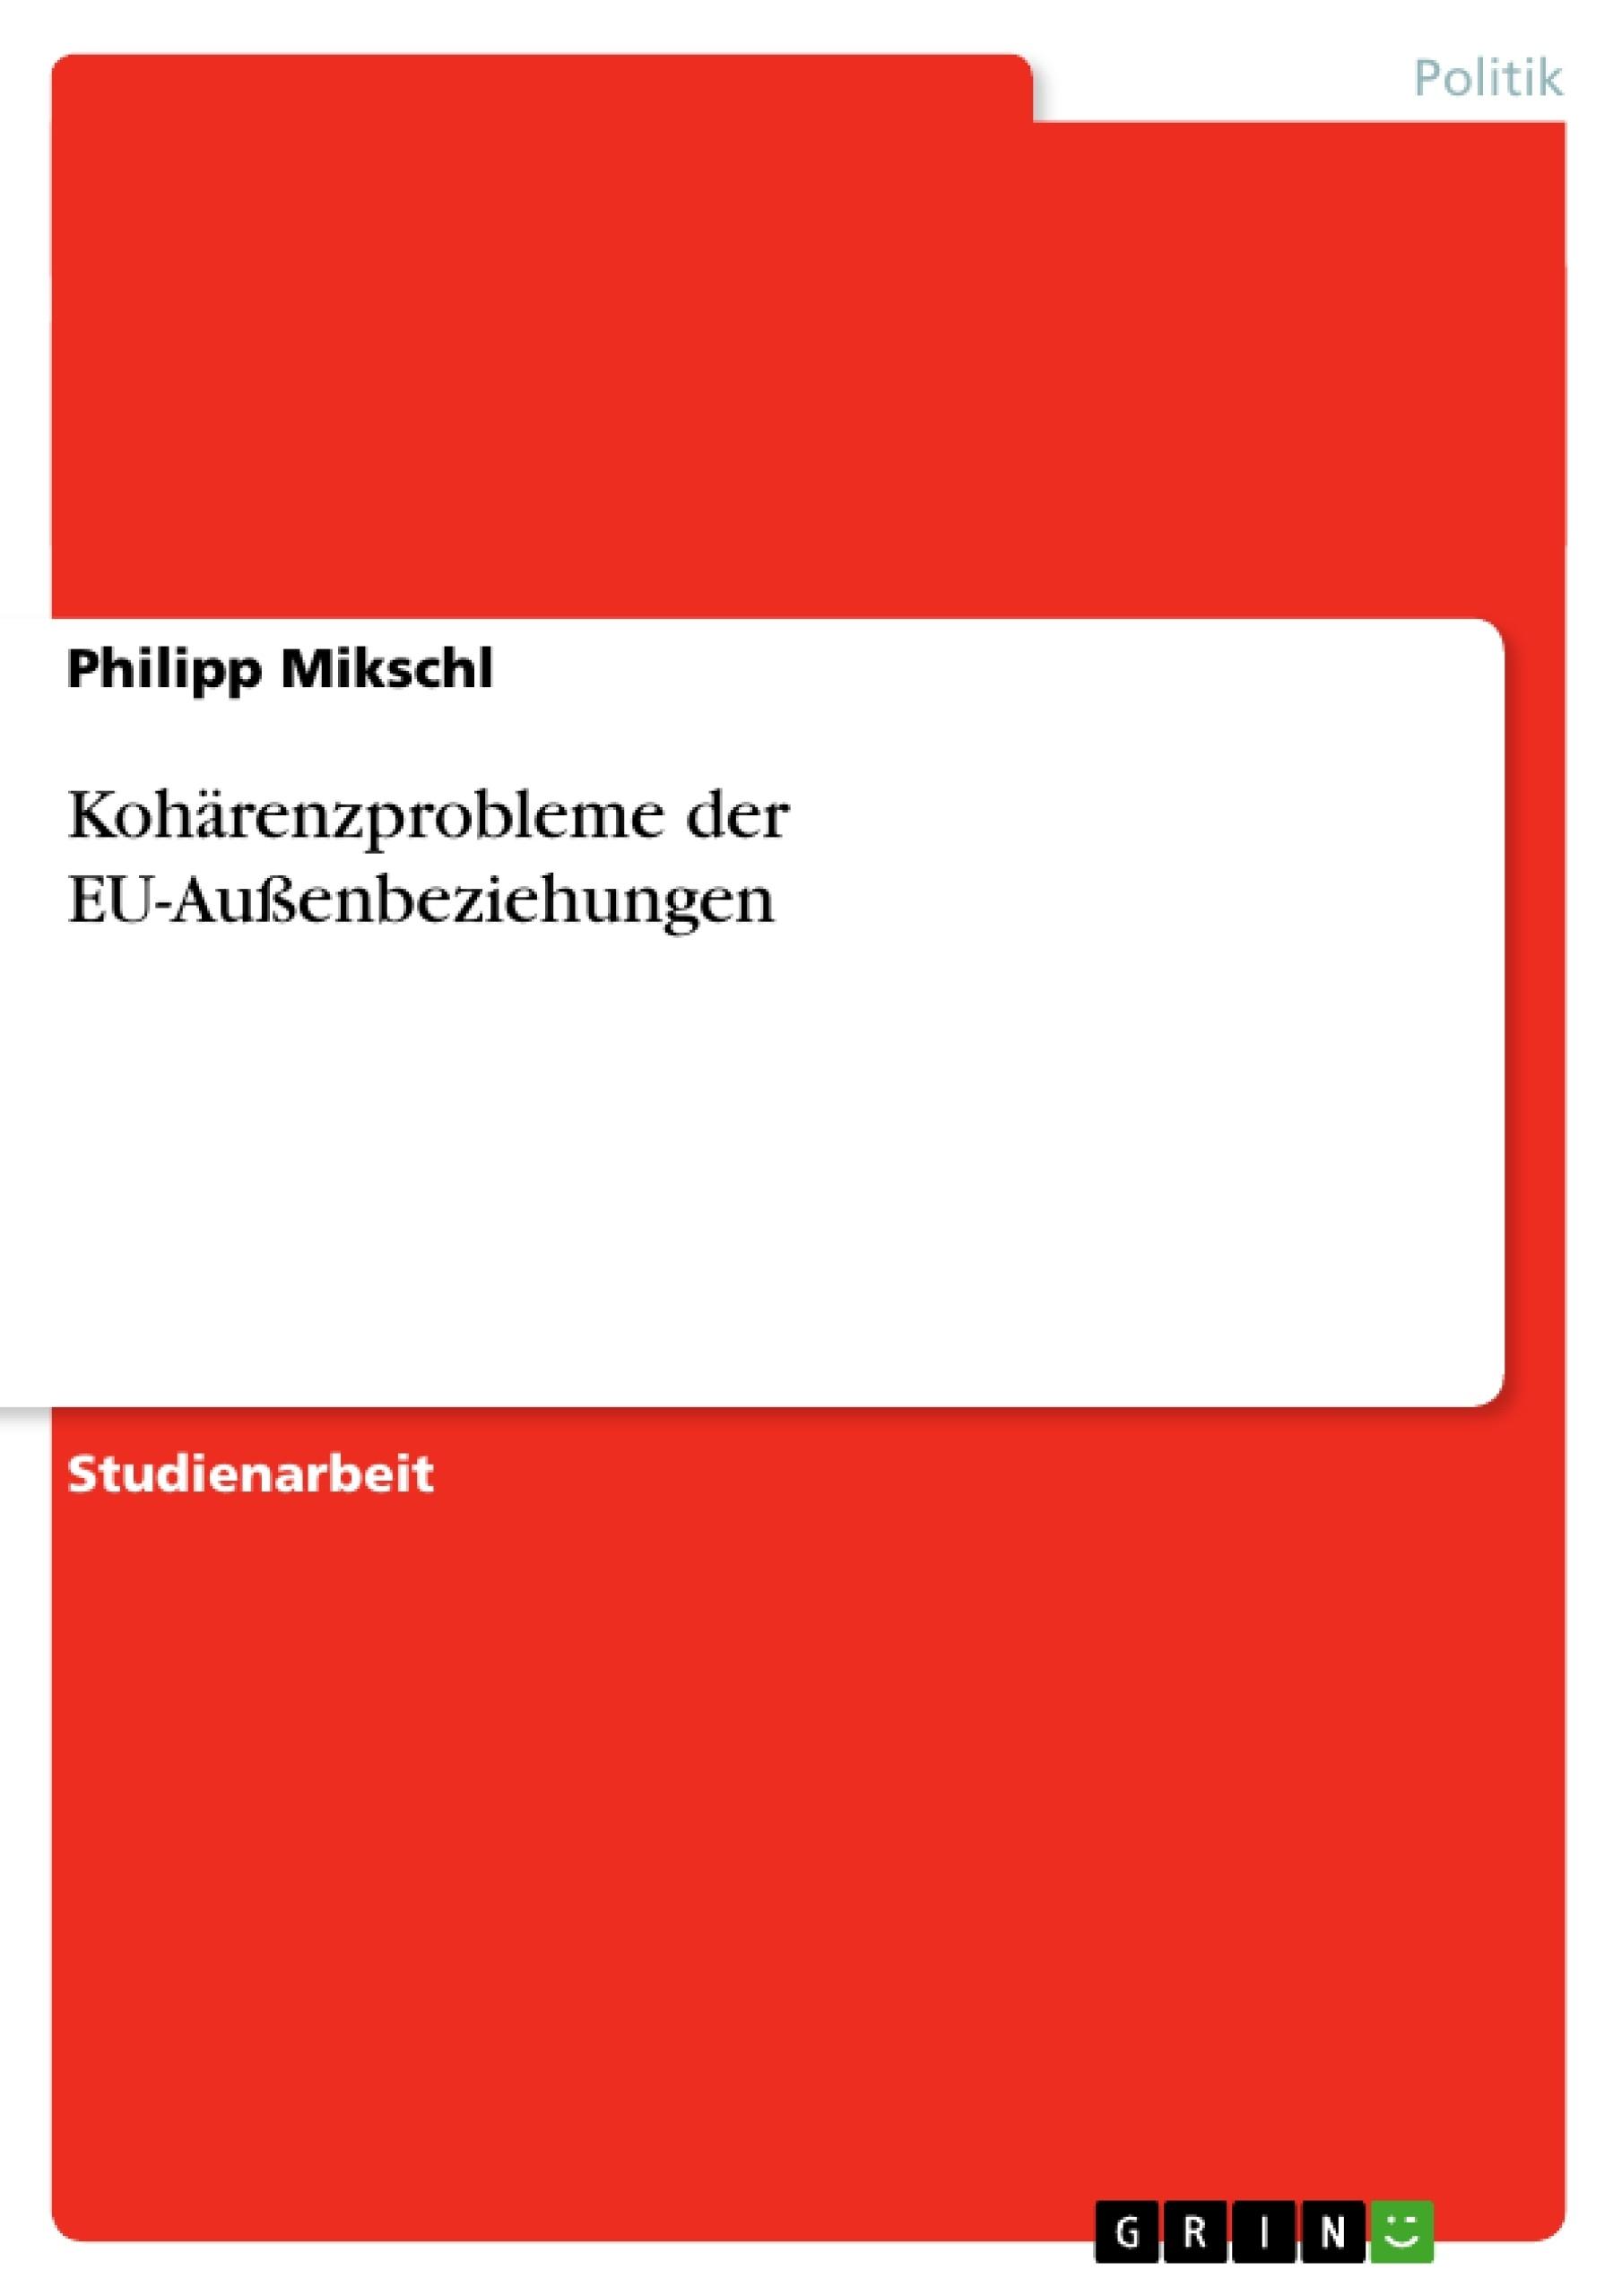 Titel: Kohärenzprobleme der EU-Außenbeziehungen